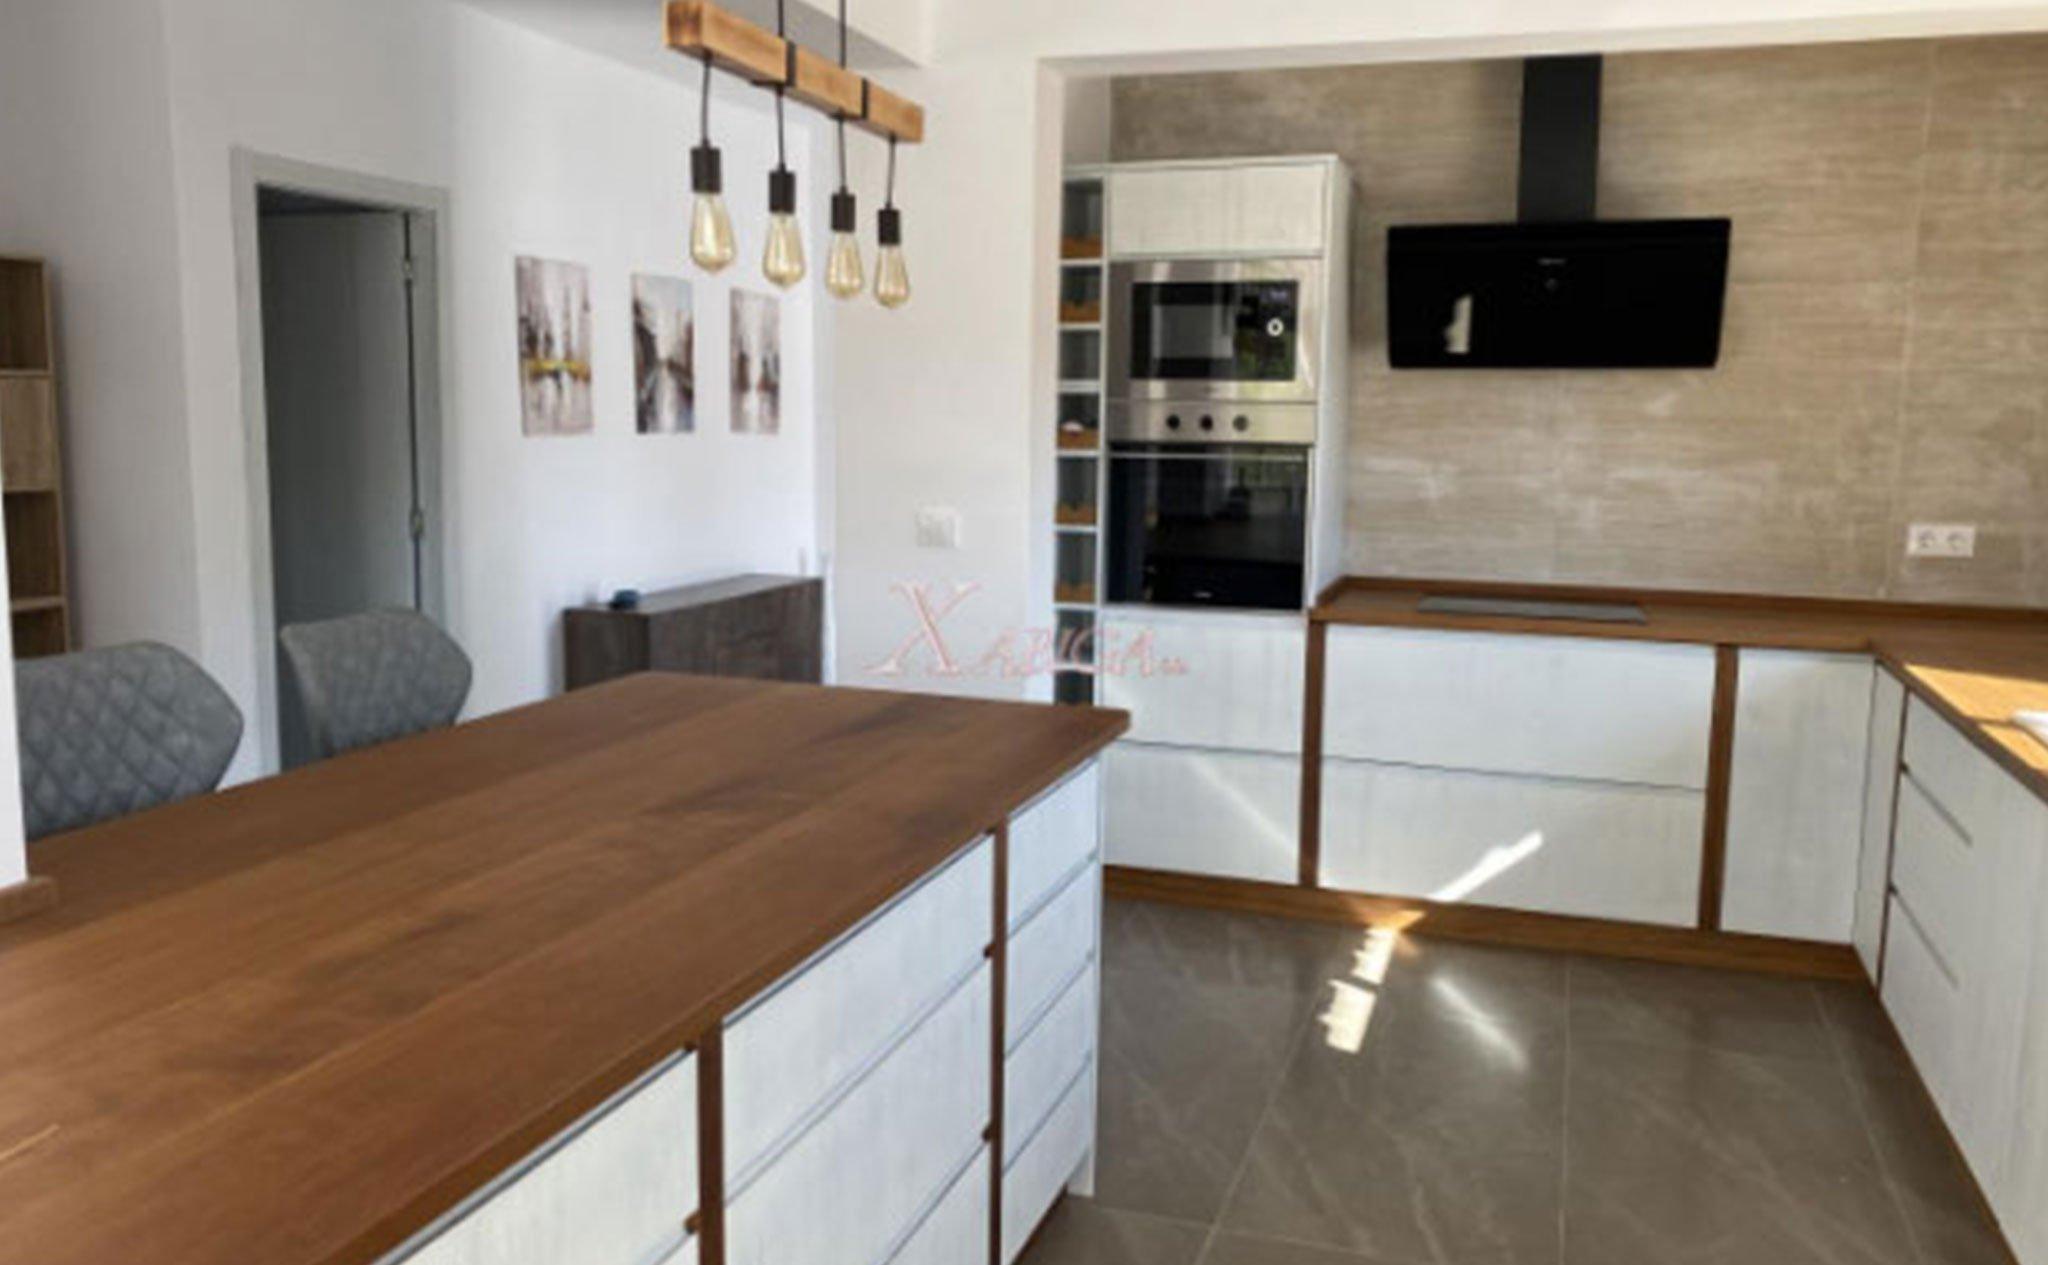 Cocina de un chalet en venta en Jávea – Xabiga Inmobiliaria